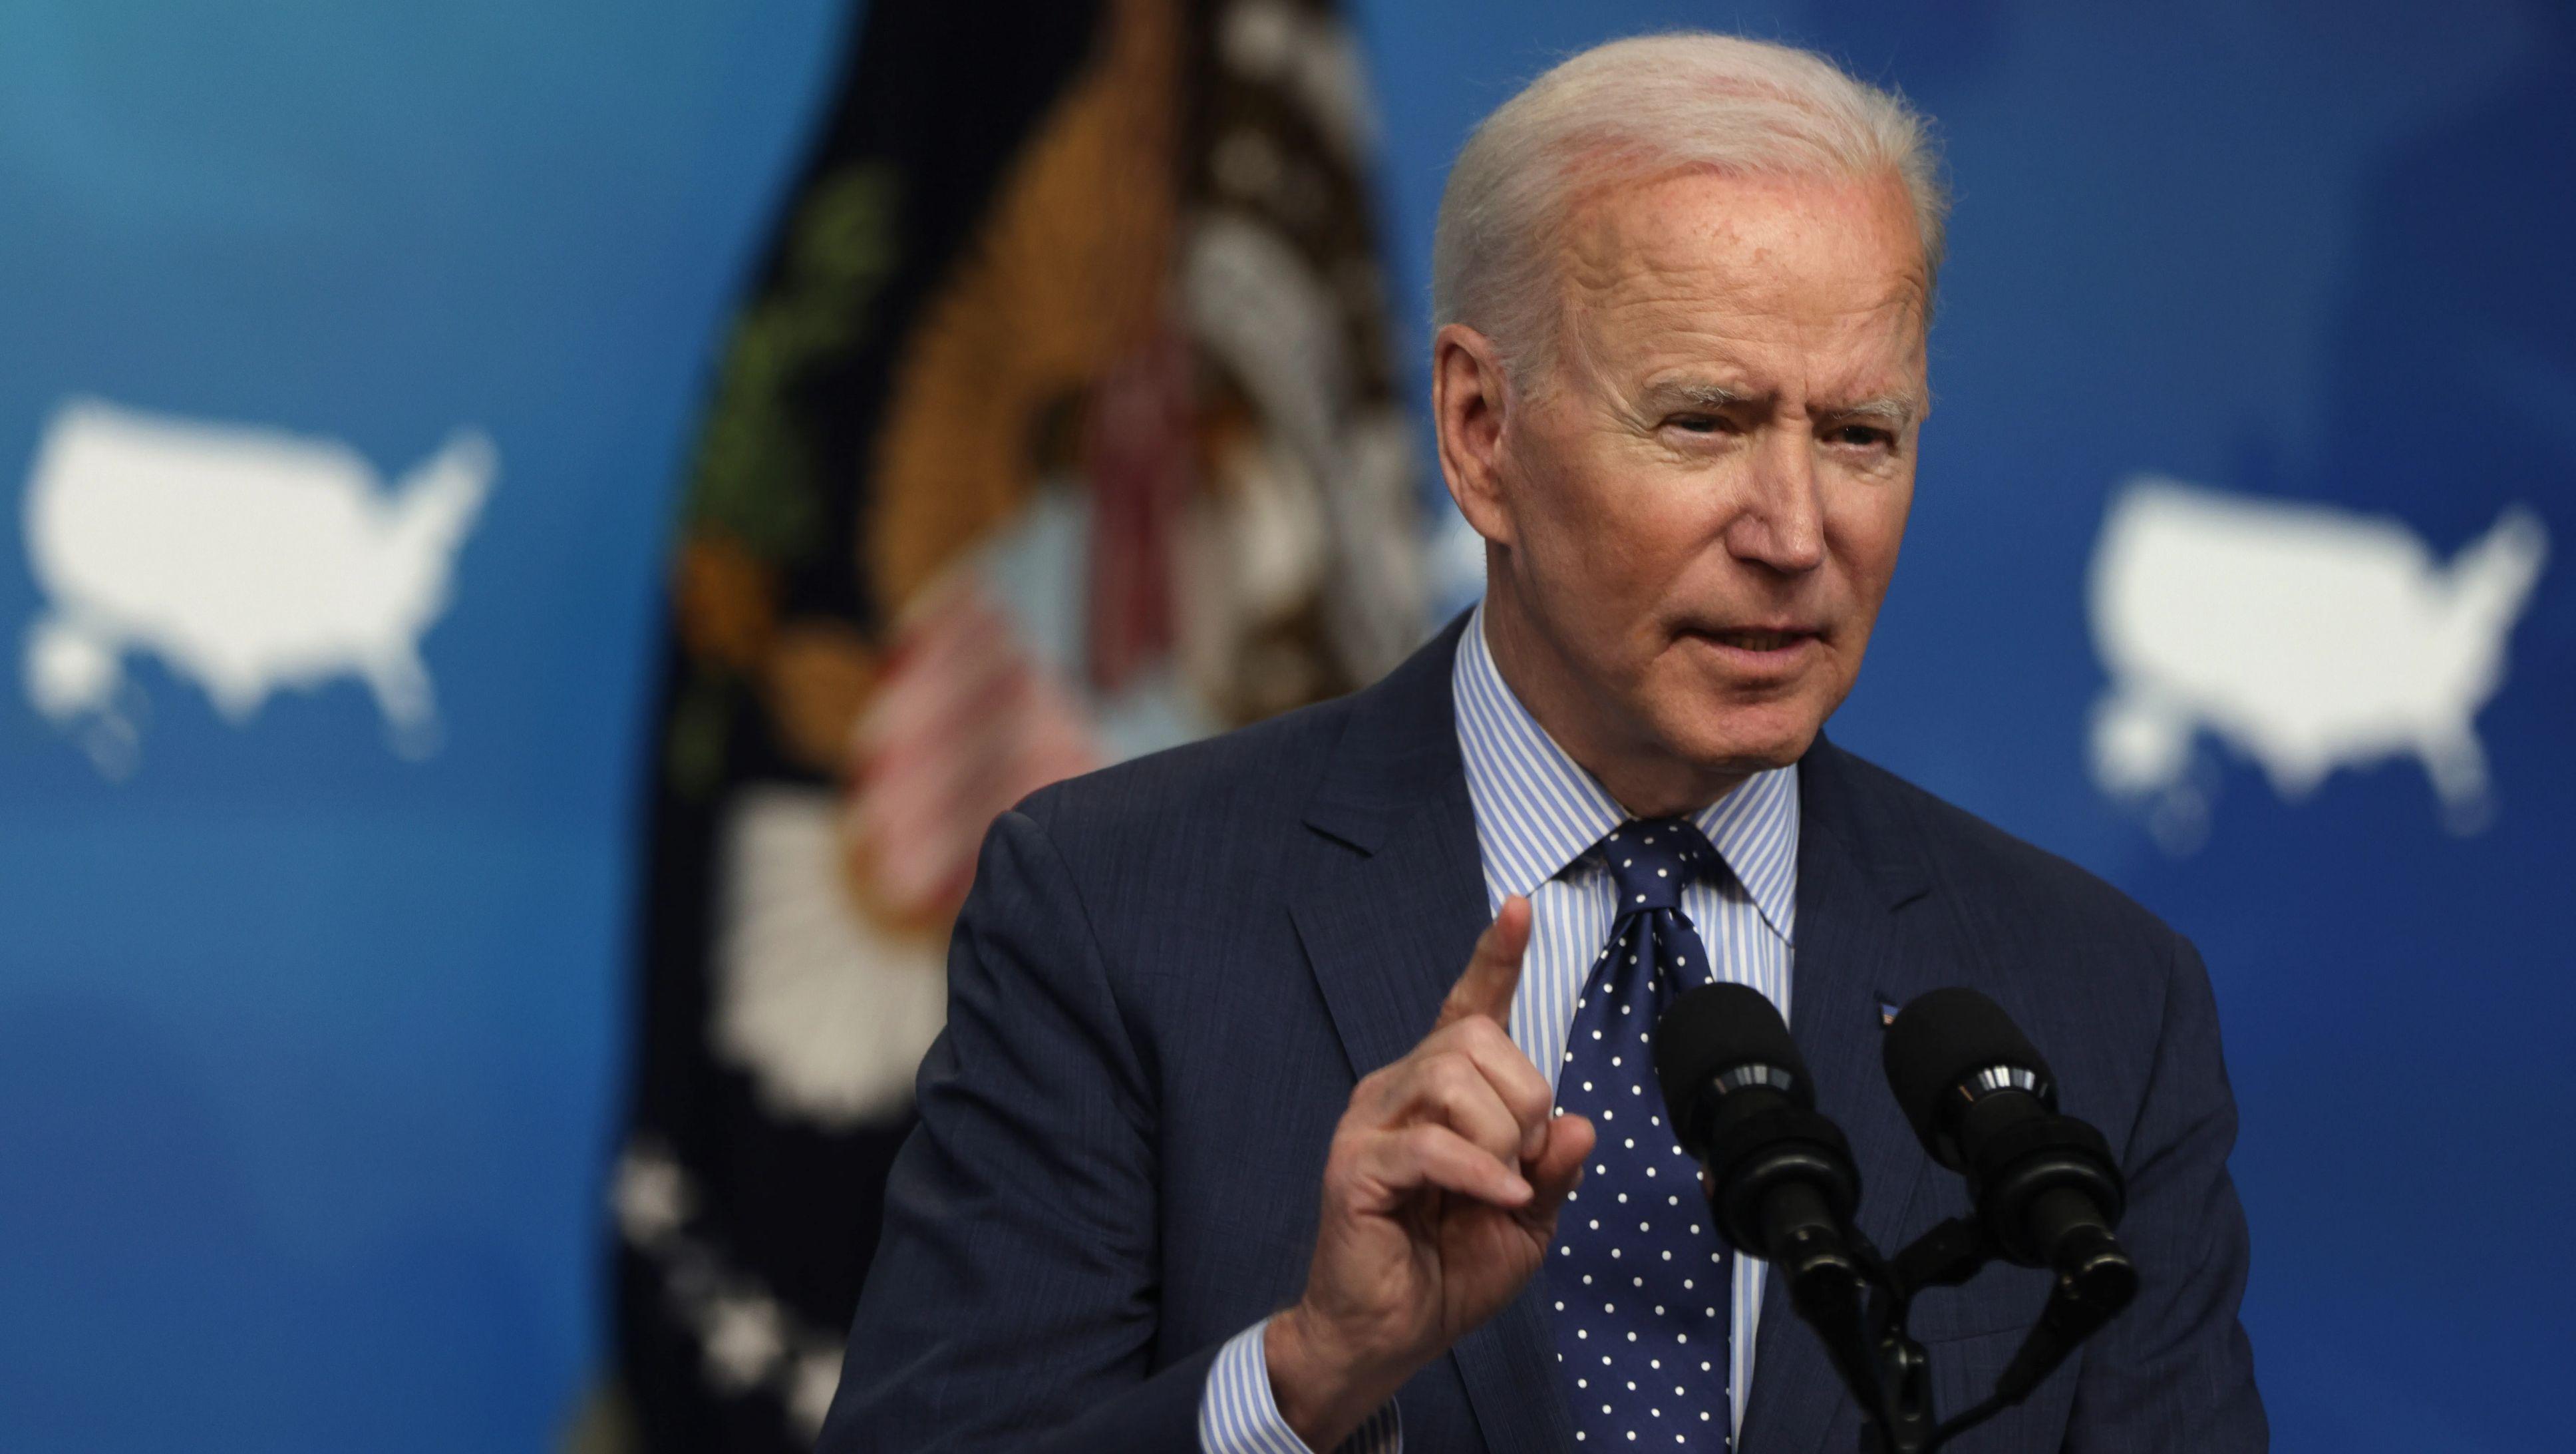 Joe Biden speaks at an event.